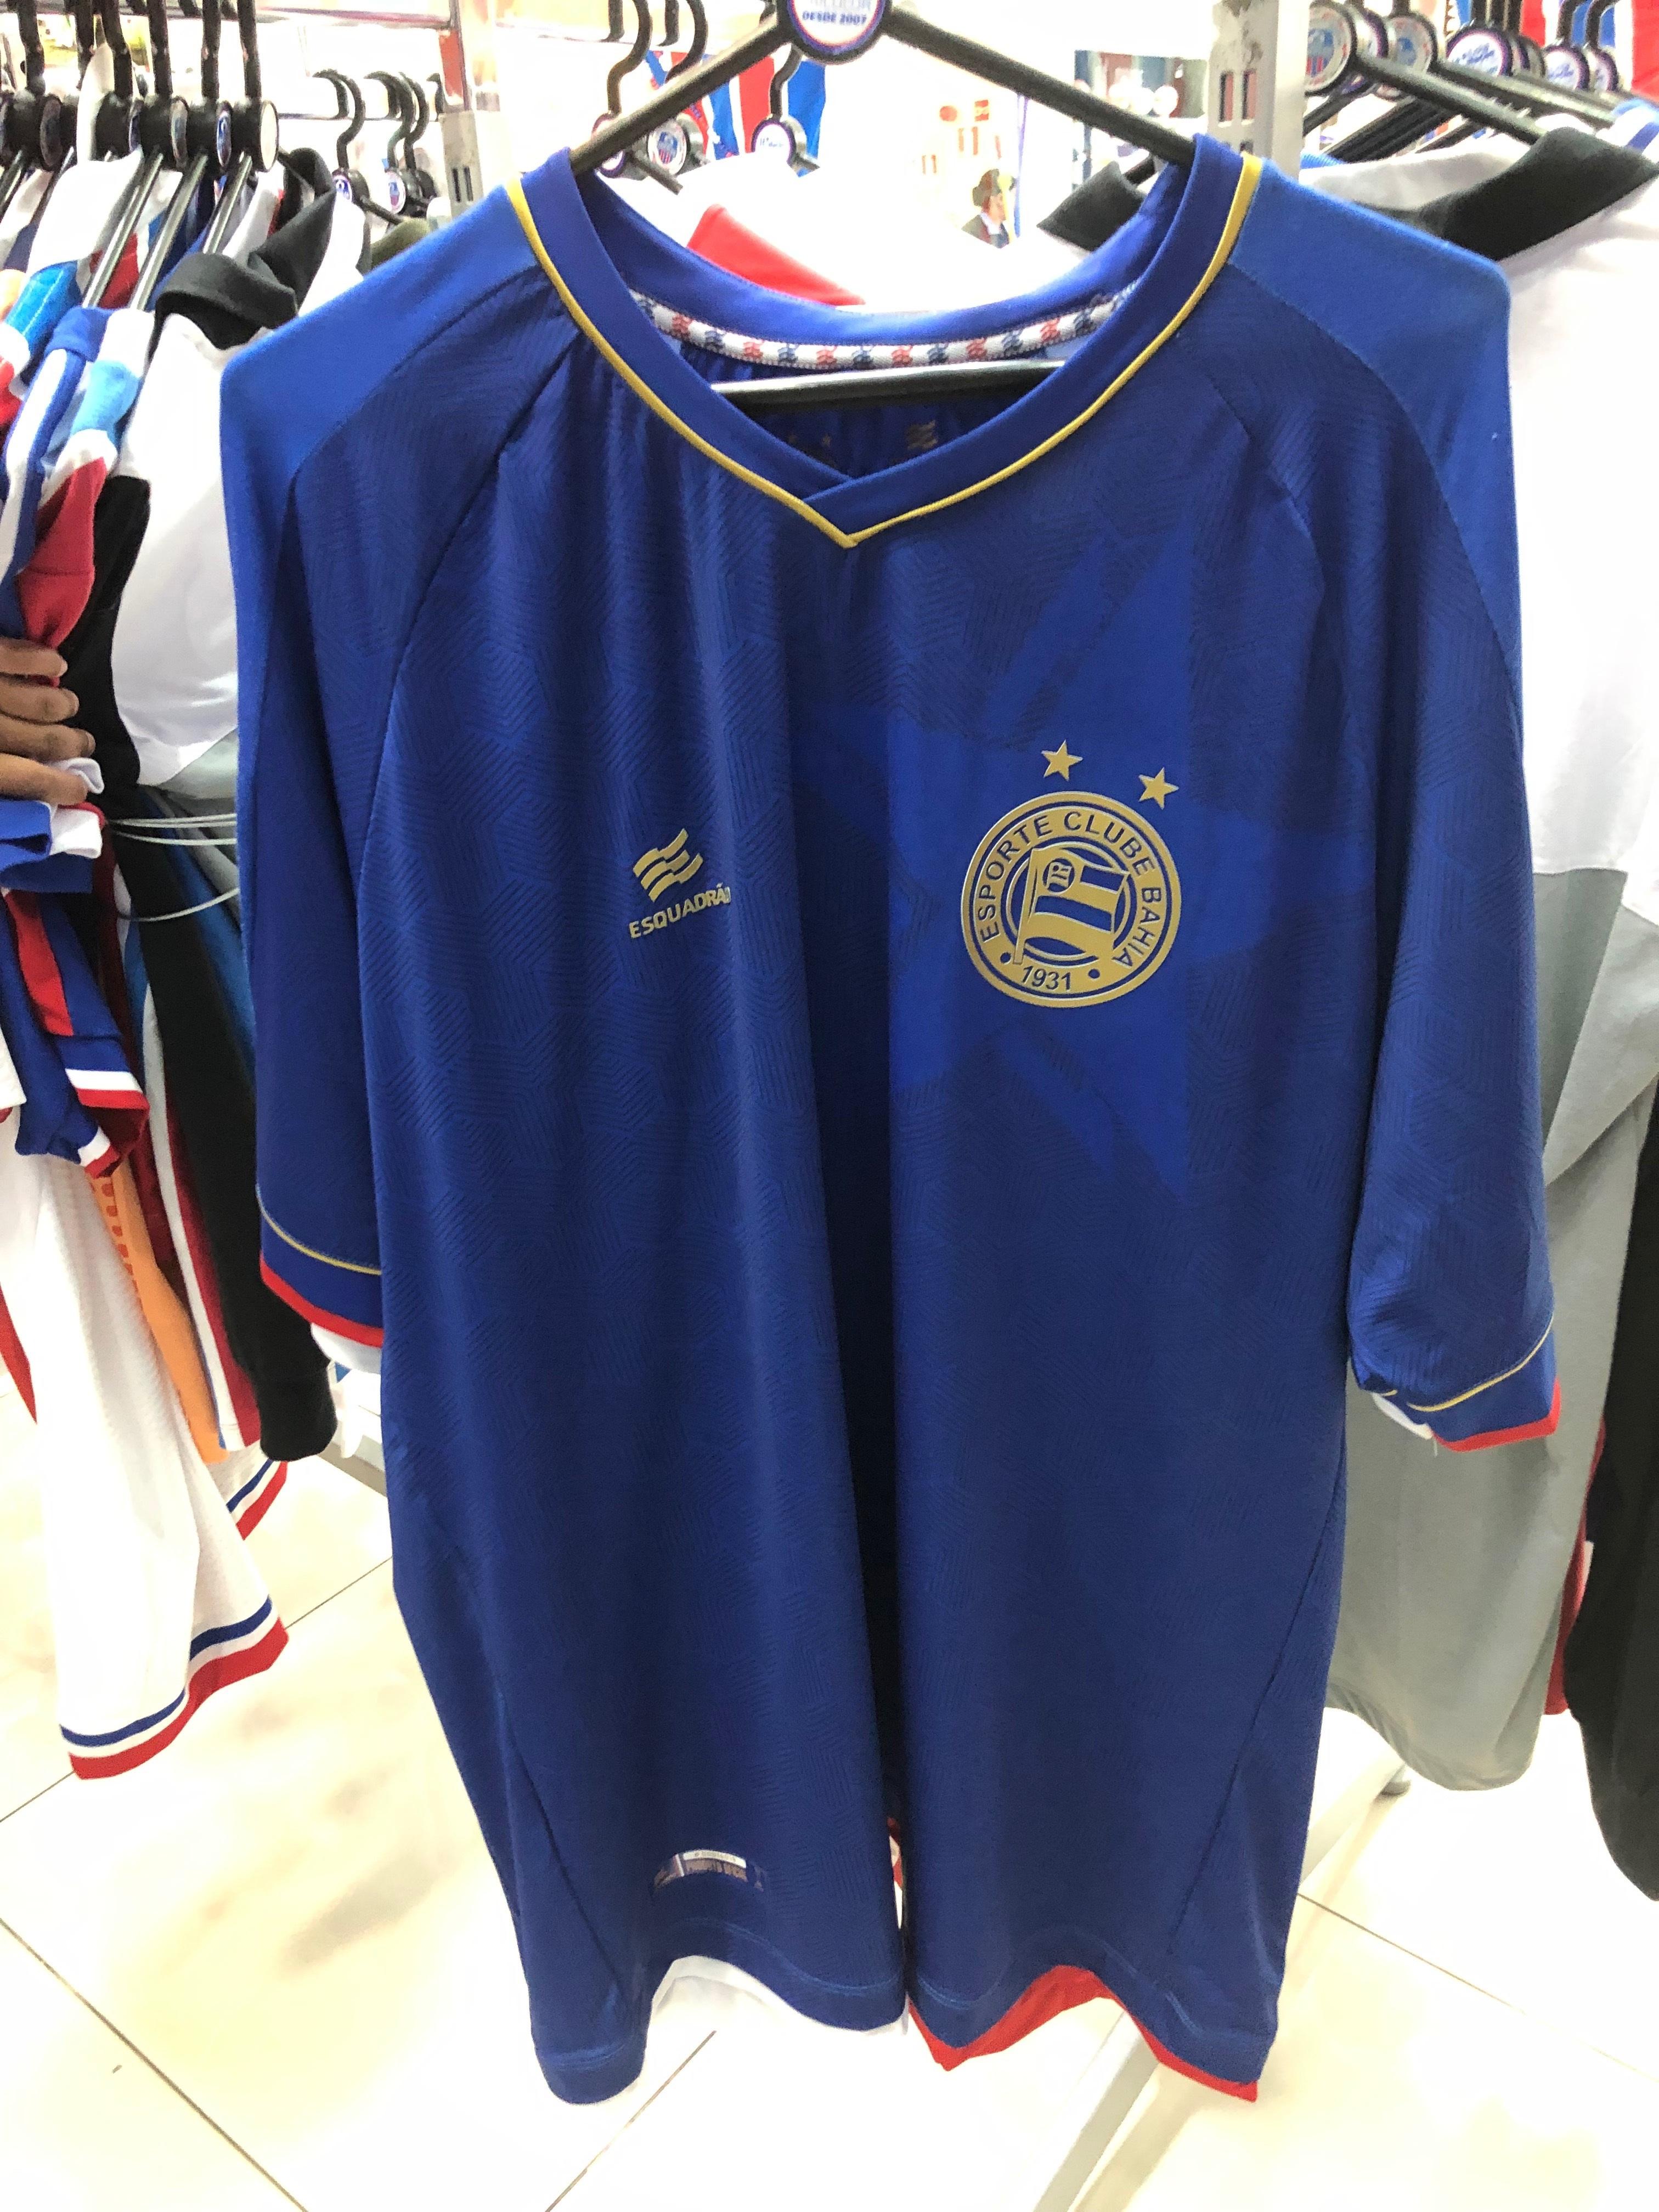 Camisa oficial do Bahia jogo 3 (Casa do Tricolor - Shopping Bela Vista) de 239,9 por R$ 189,9 (20%)